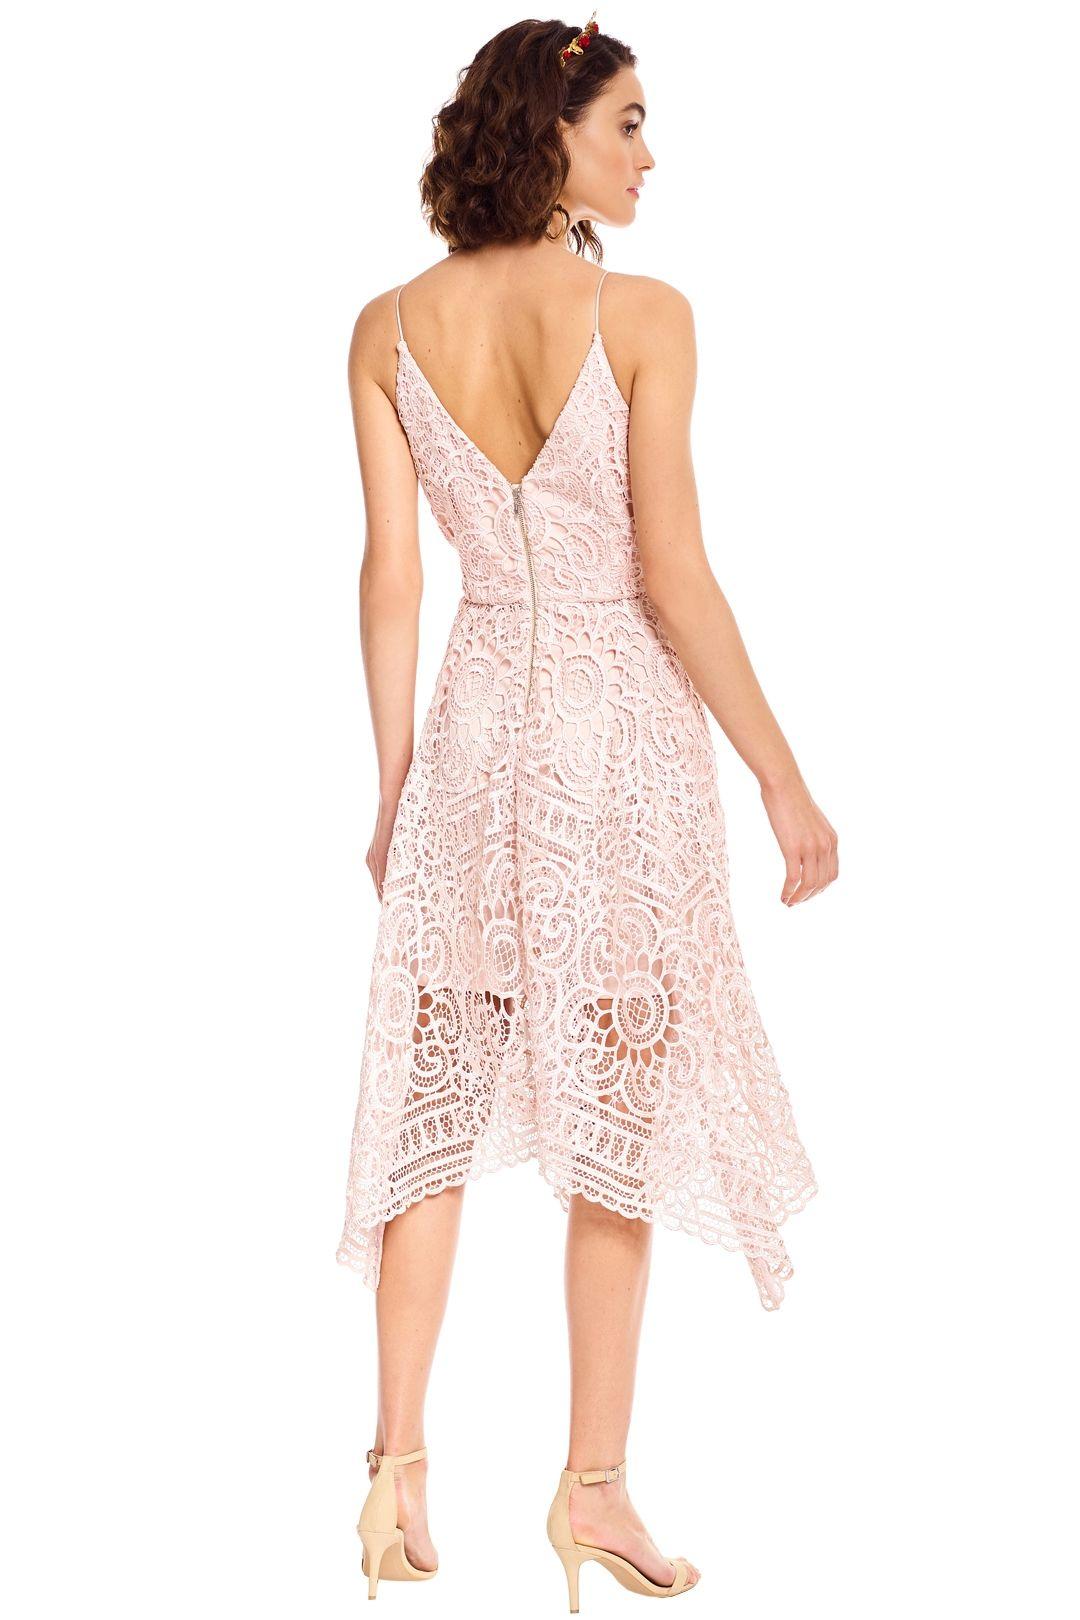 Nicholas - Floral Lace Ball Dress - Antique Pink - Back